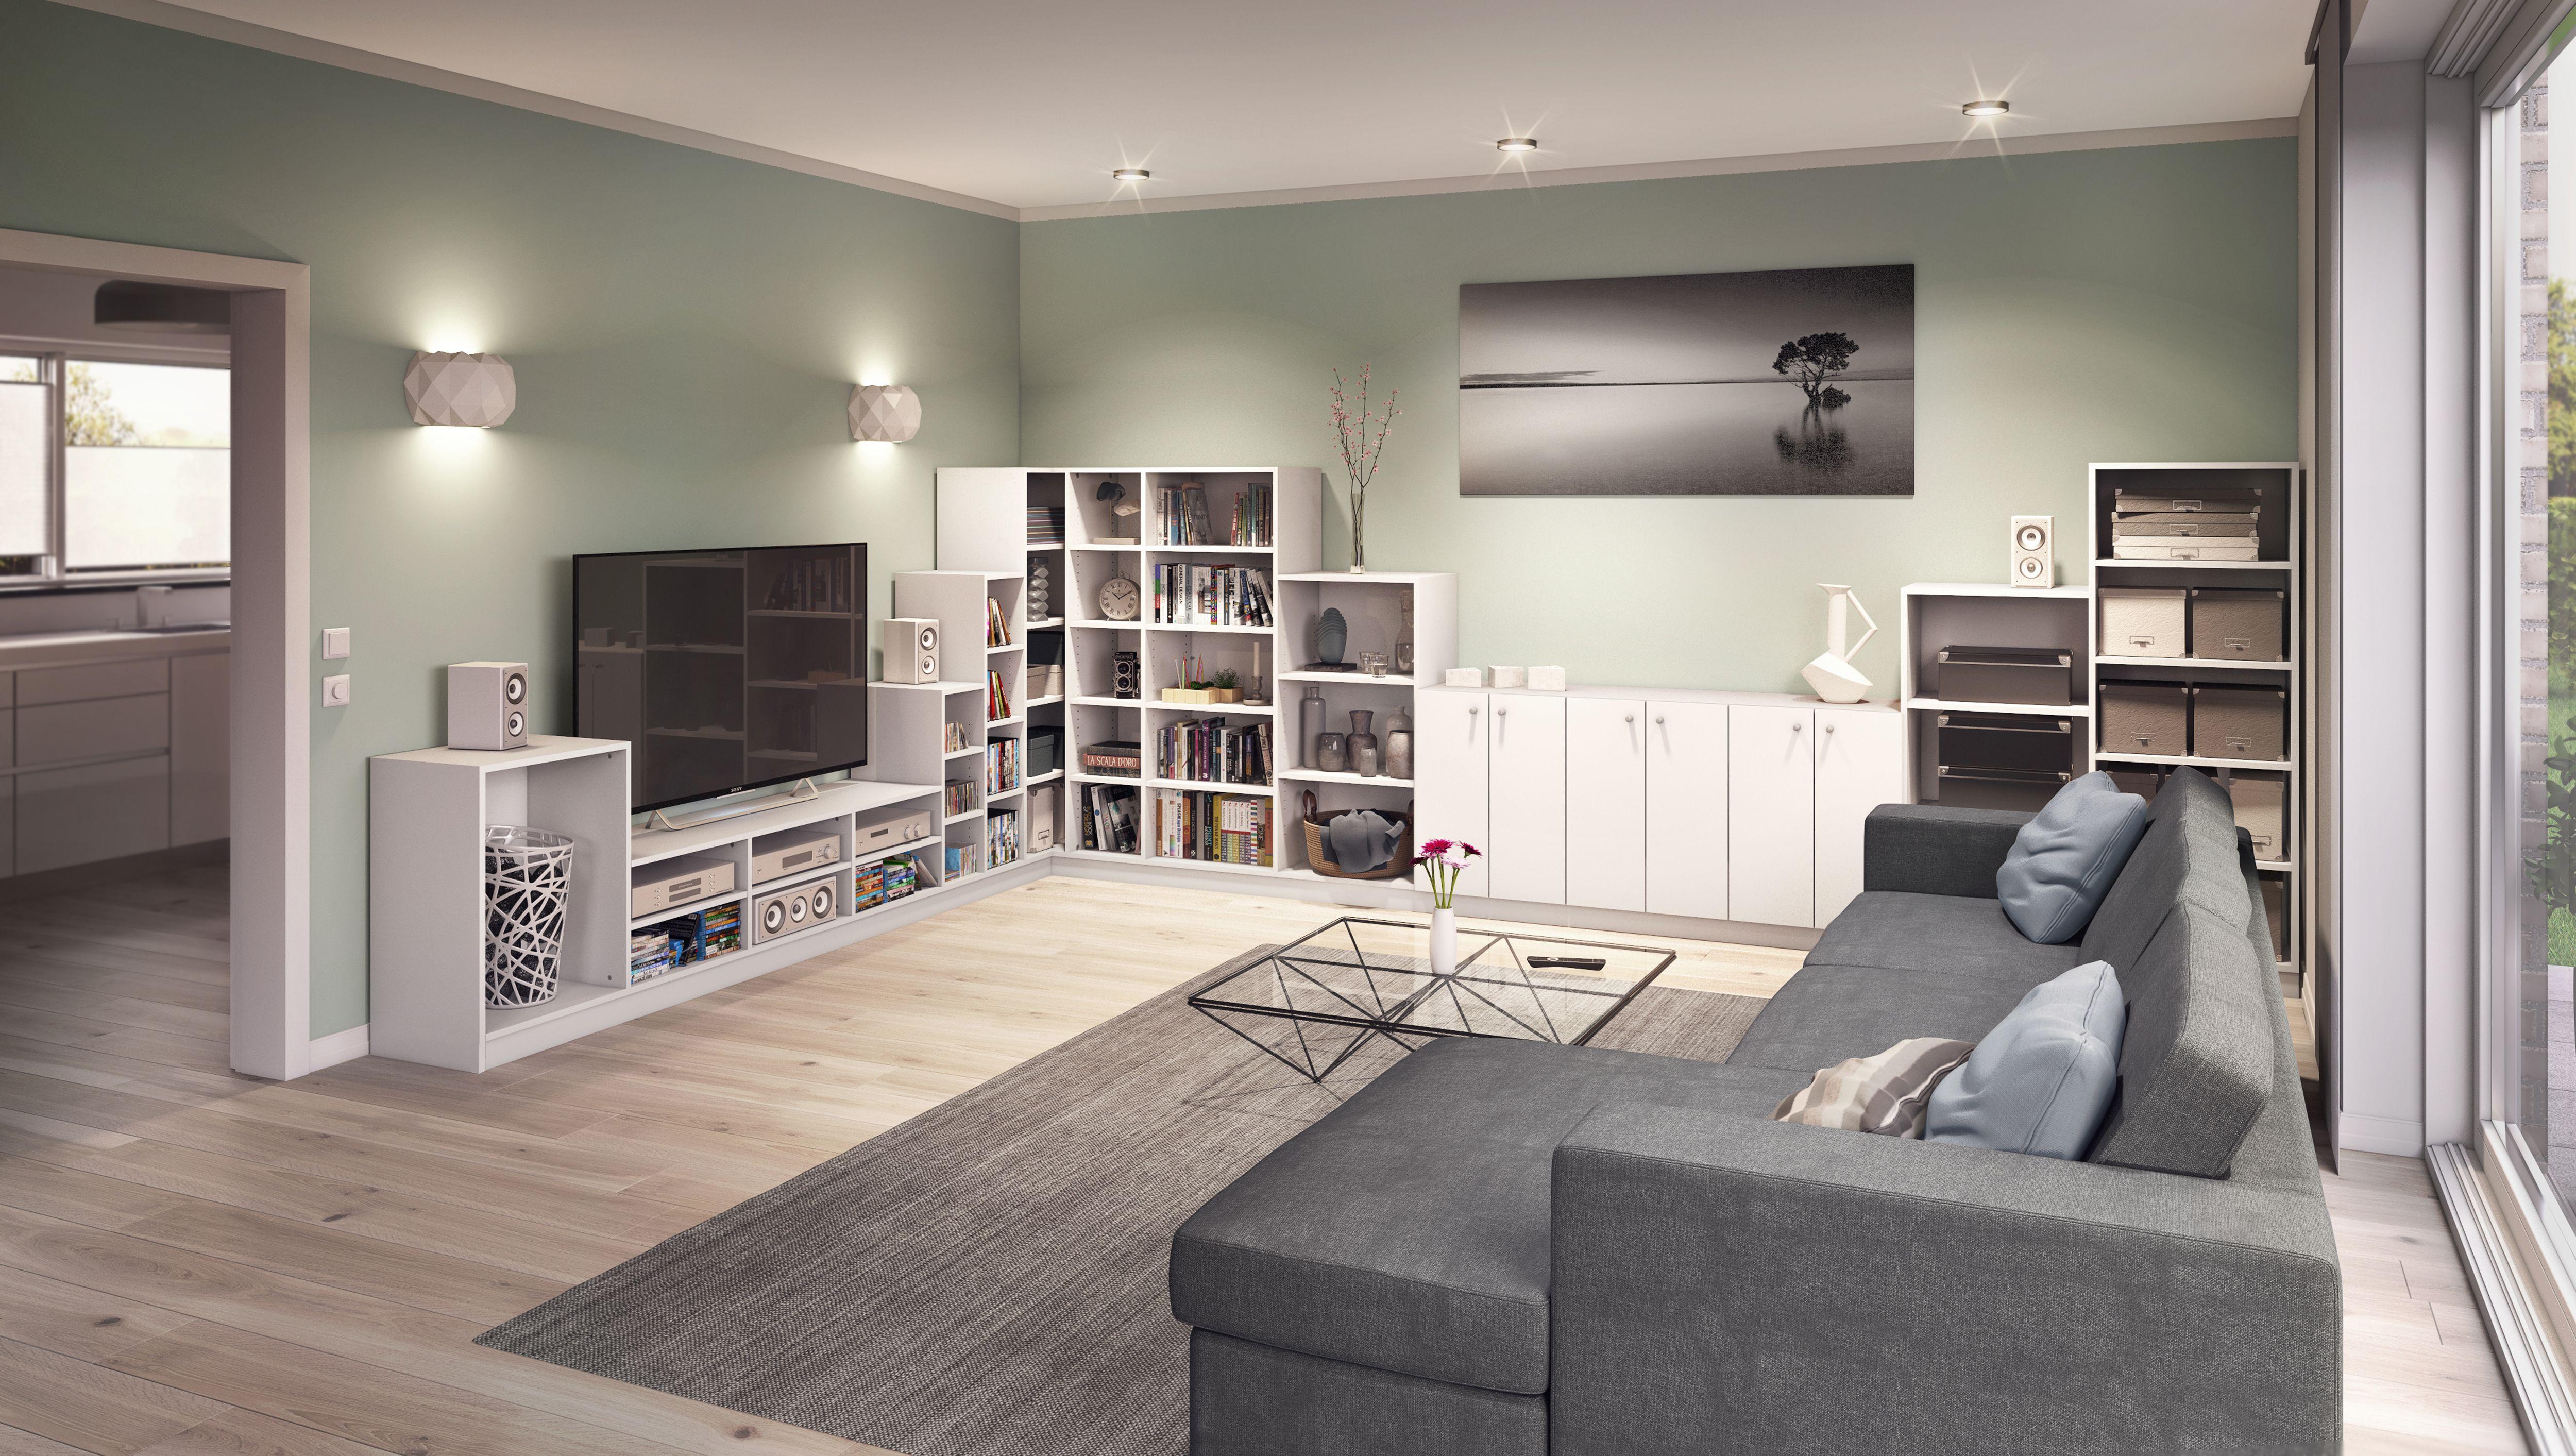 Elegant Im Wohnzimmer Darf Die Passende Wohnwand Nicht Fehlen. Du Kannst Diese  Genau Nach Deinen Vorstellungen